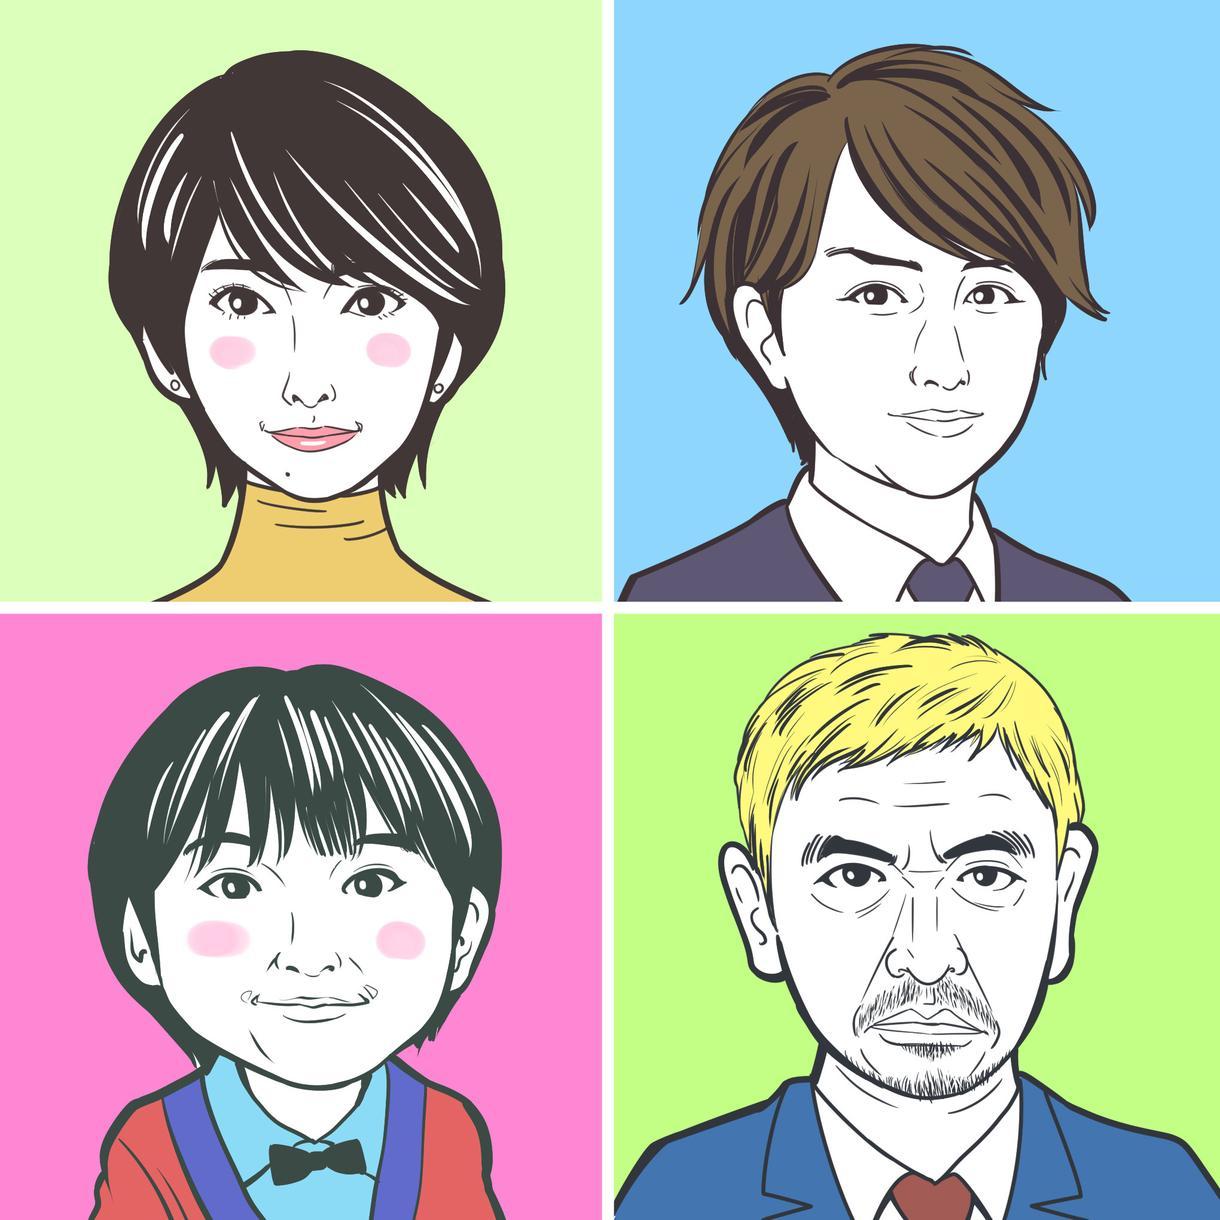 漫画家ぽんちょがポップな似顔絵お描きします ★SNSのプロフィール画像や名刺に最適!